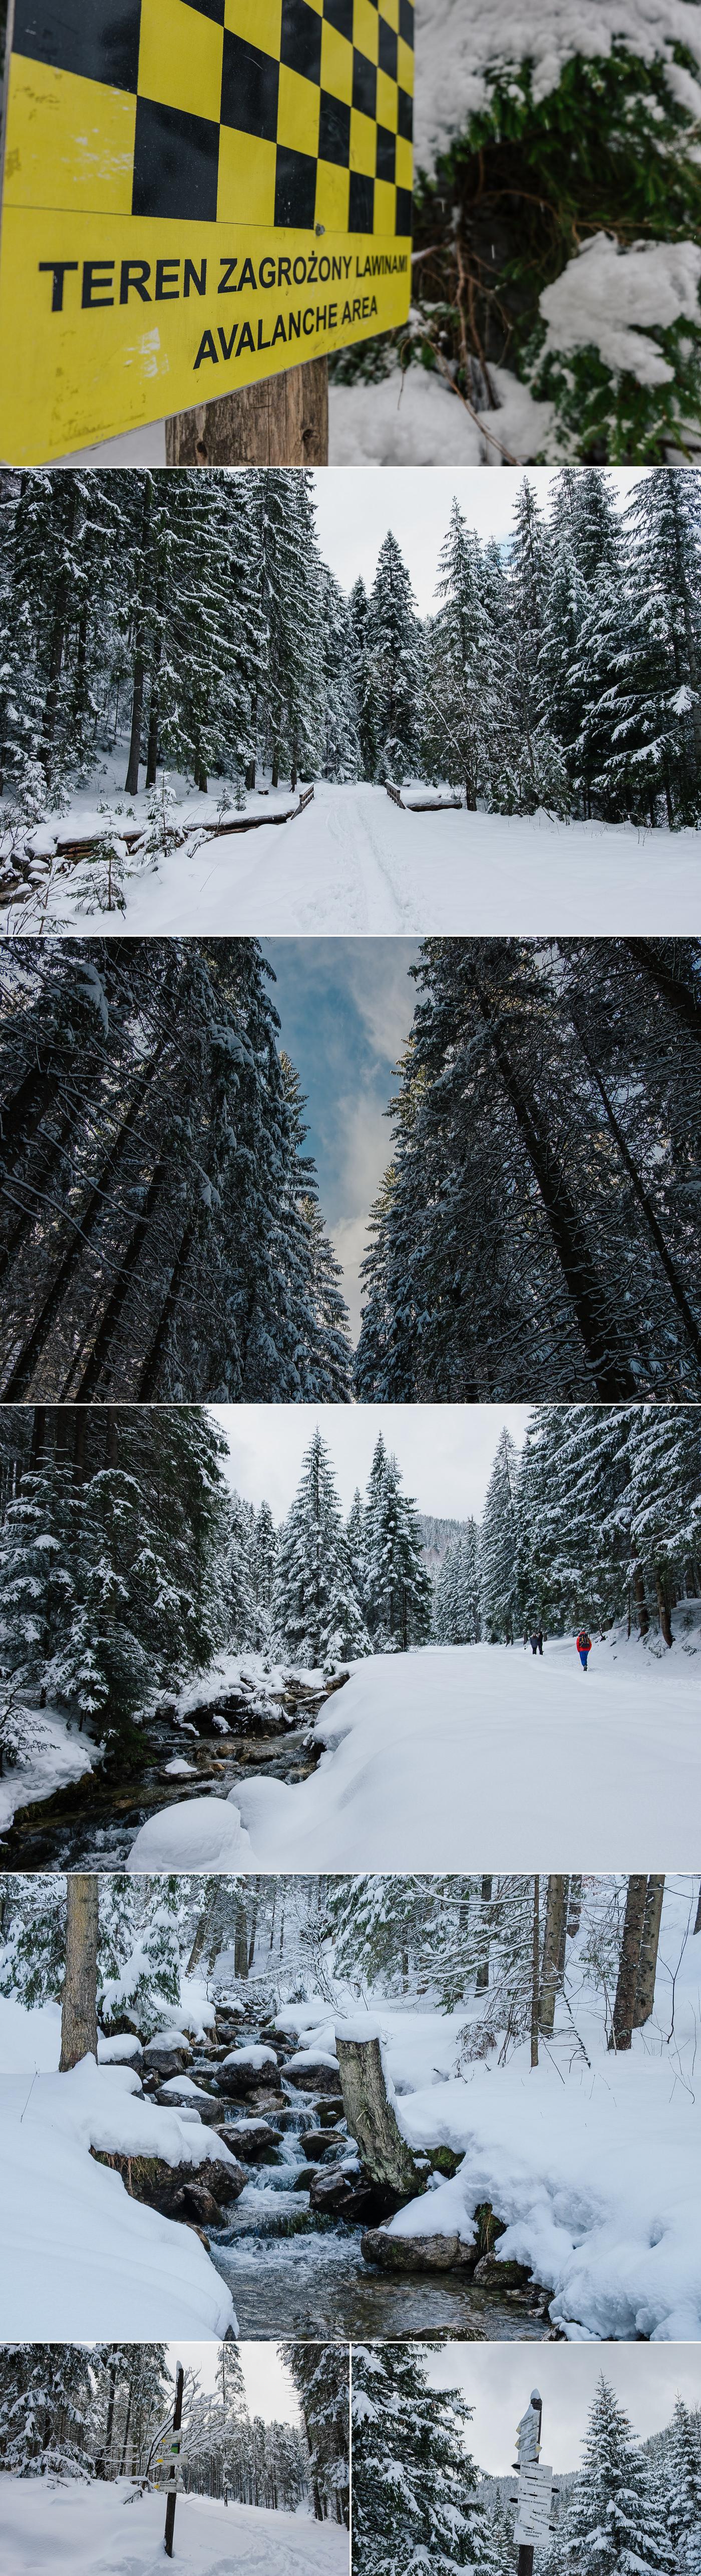 Zimawiosna_Piotr_Glodzik_